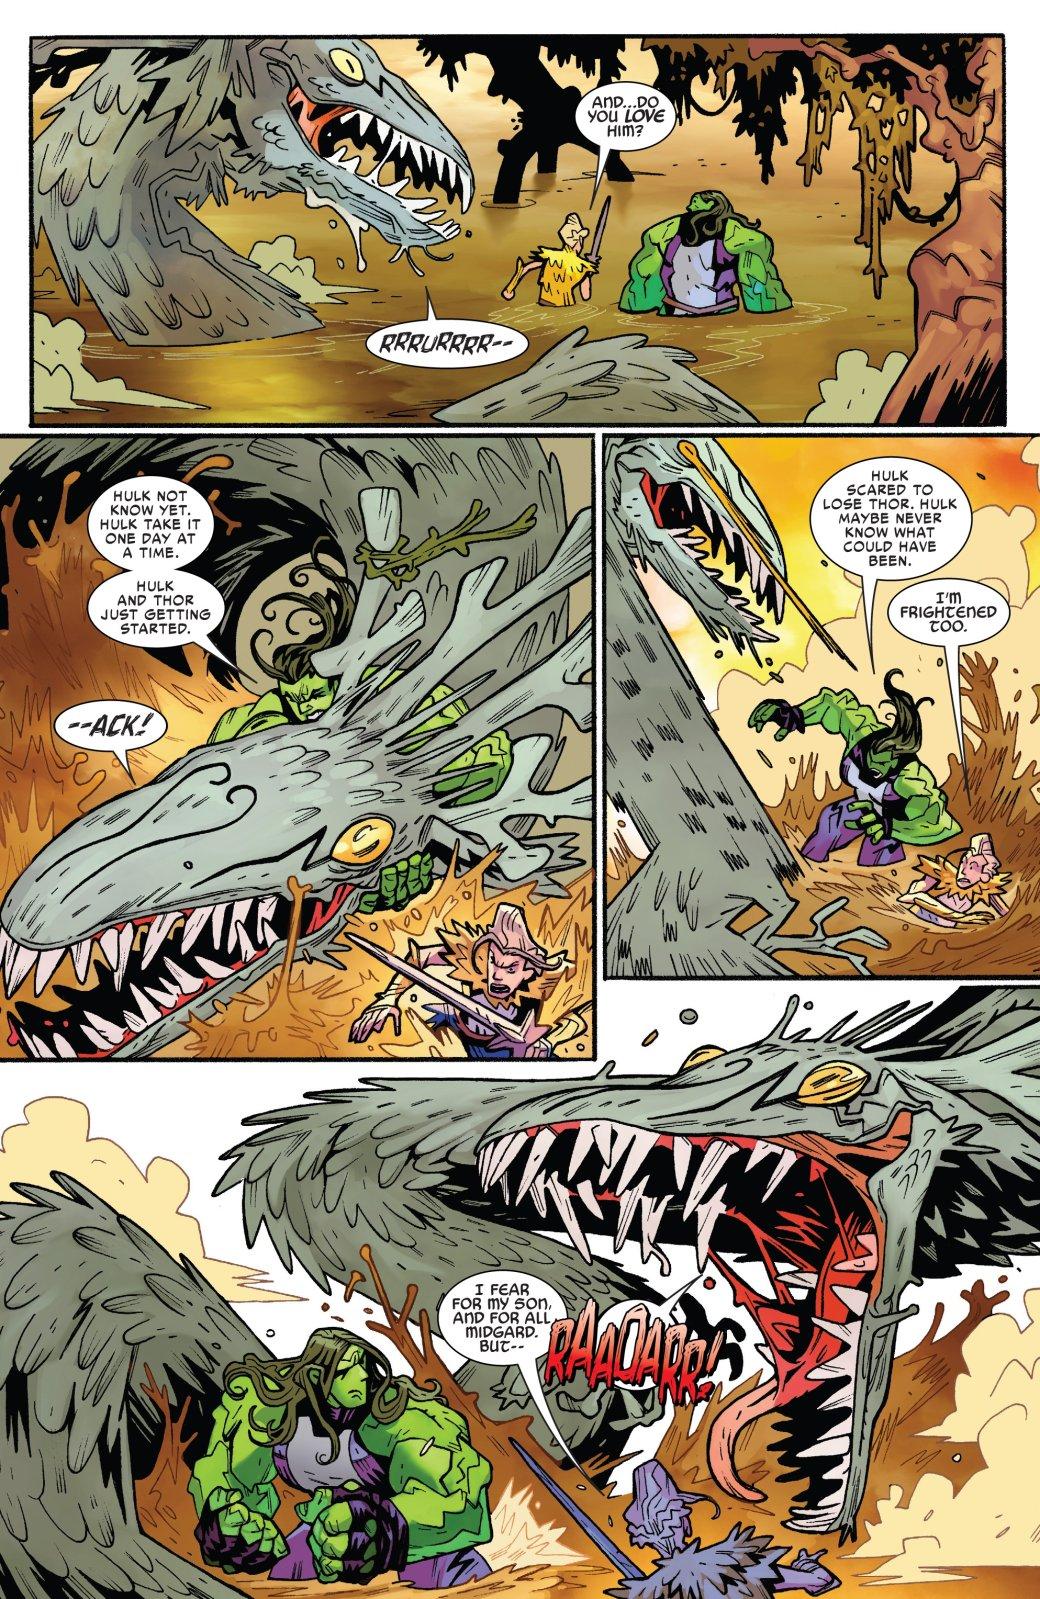 Вактуальных комиксах уТора иЖенщины-Халка роман. Что думает обэтом мать бога грома Фрейя?